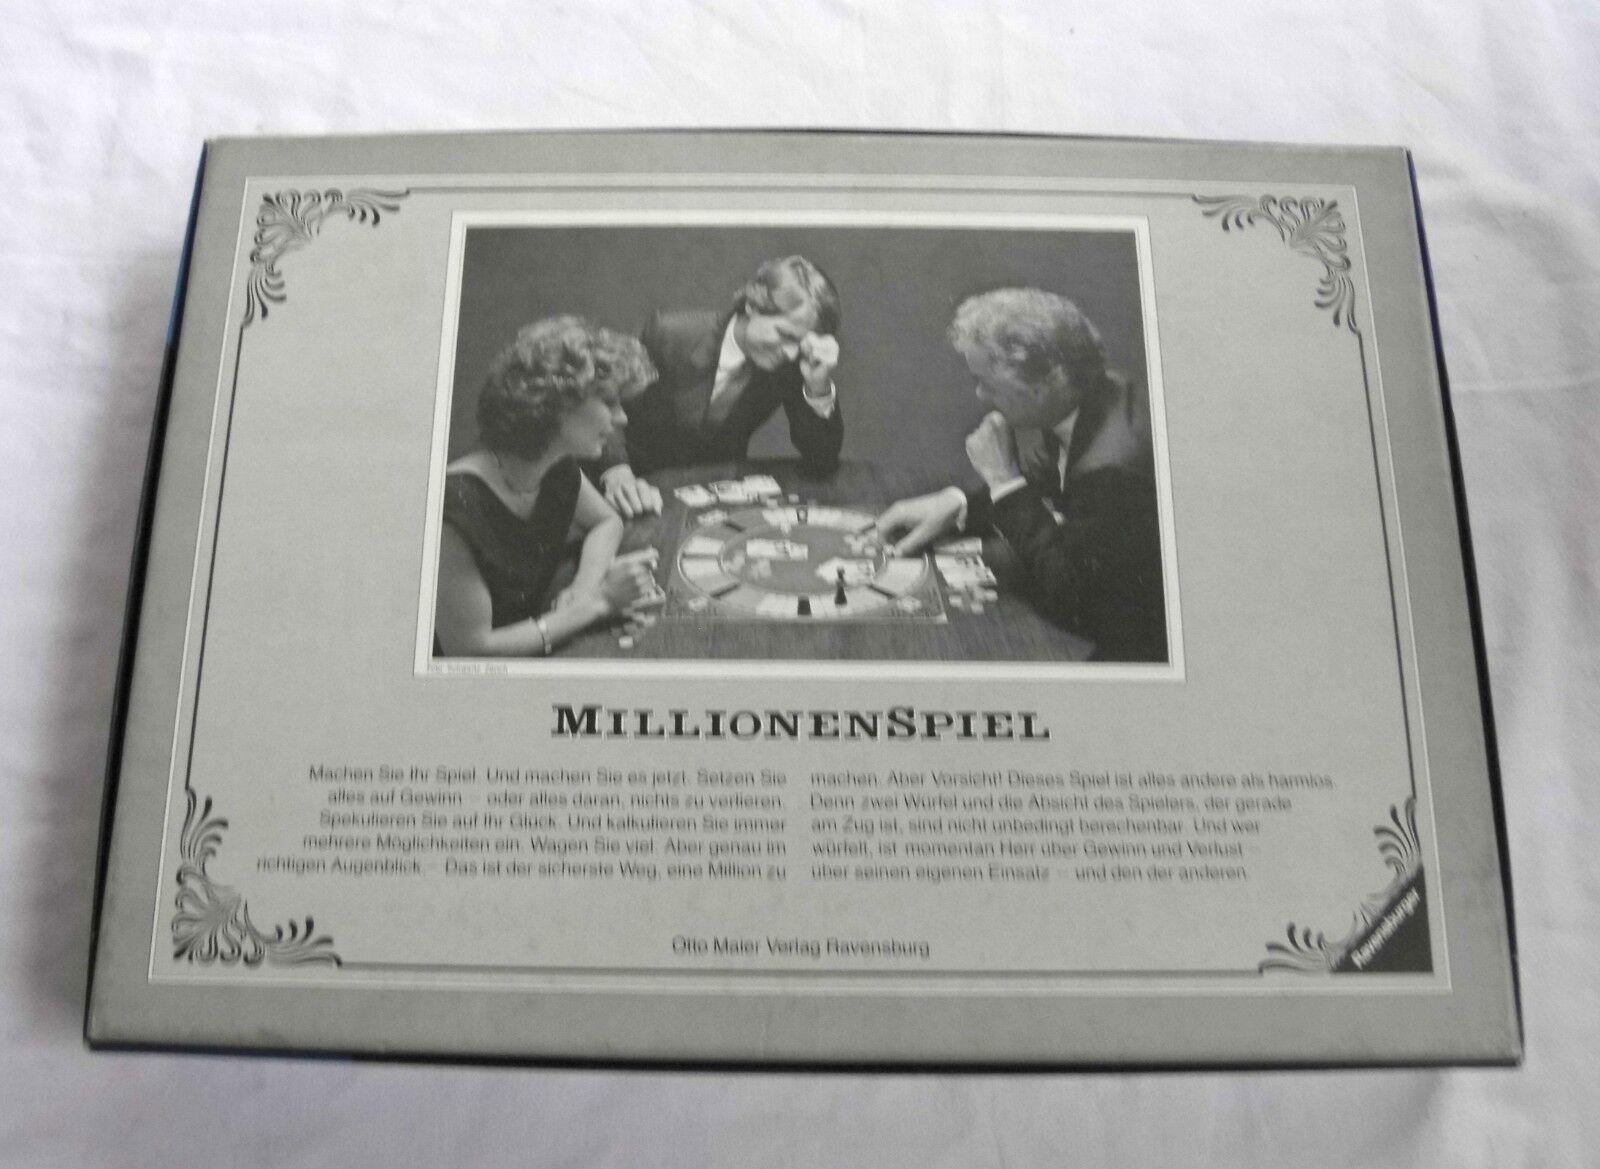 Millionenspiel von - Altes Würfelspiel   Brettspiel von Millionenspiel Ravensburger (1982) c7b926